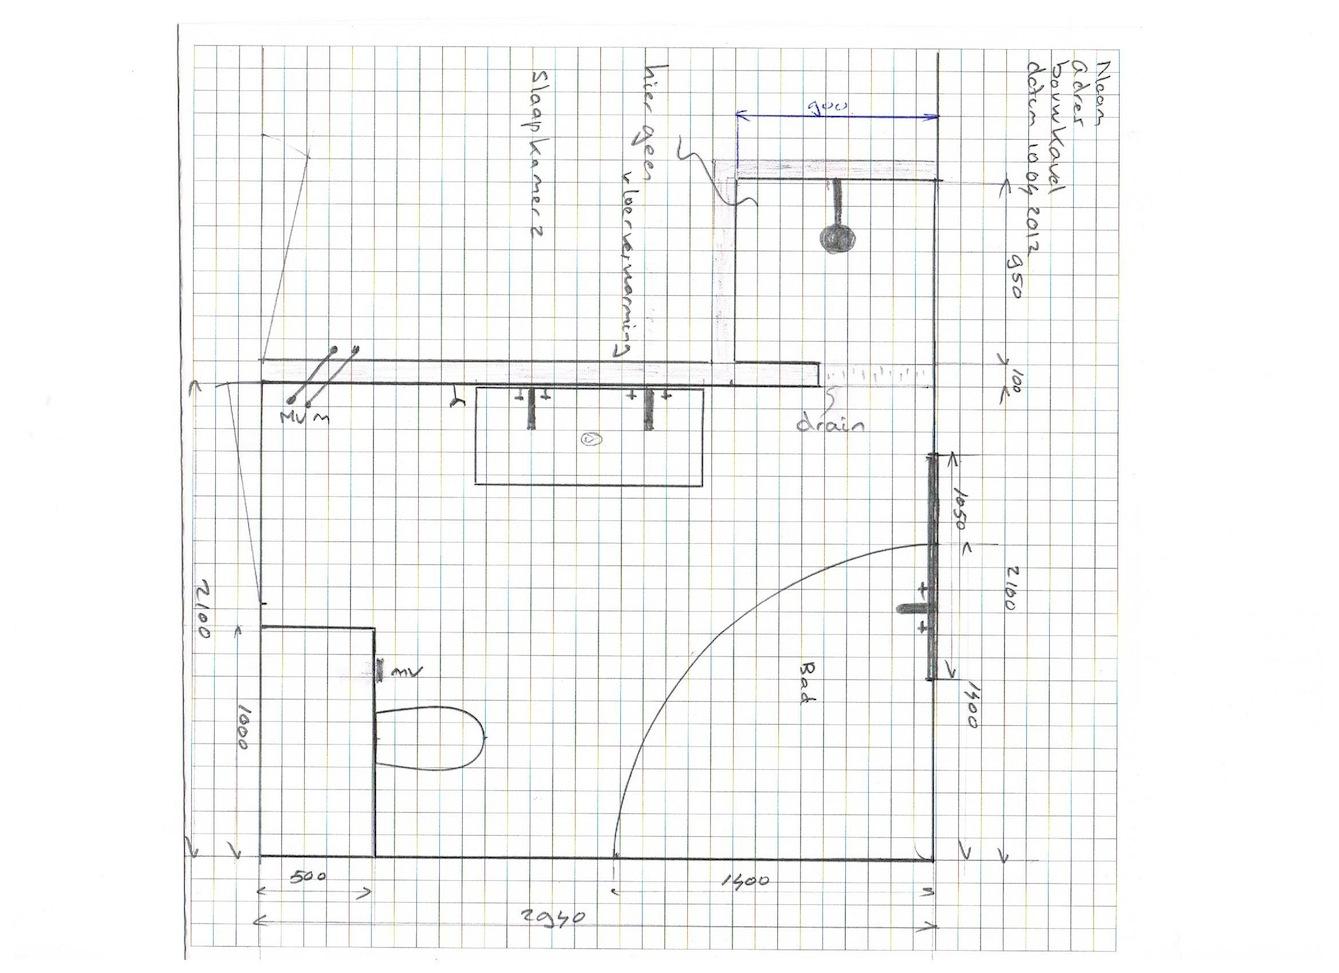 Ikea Badkamer Decoratie ~ badkamer ontwerpen kleine ruimte 109 populair Car Tuning